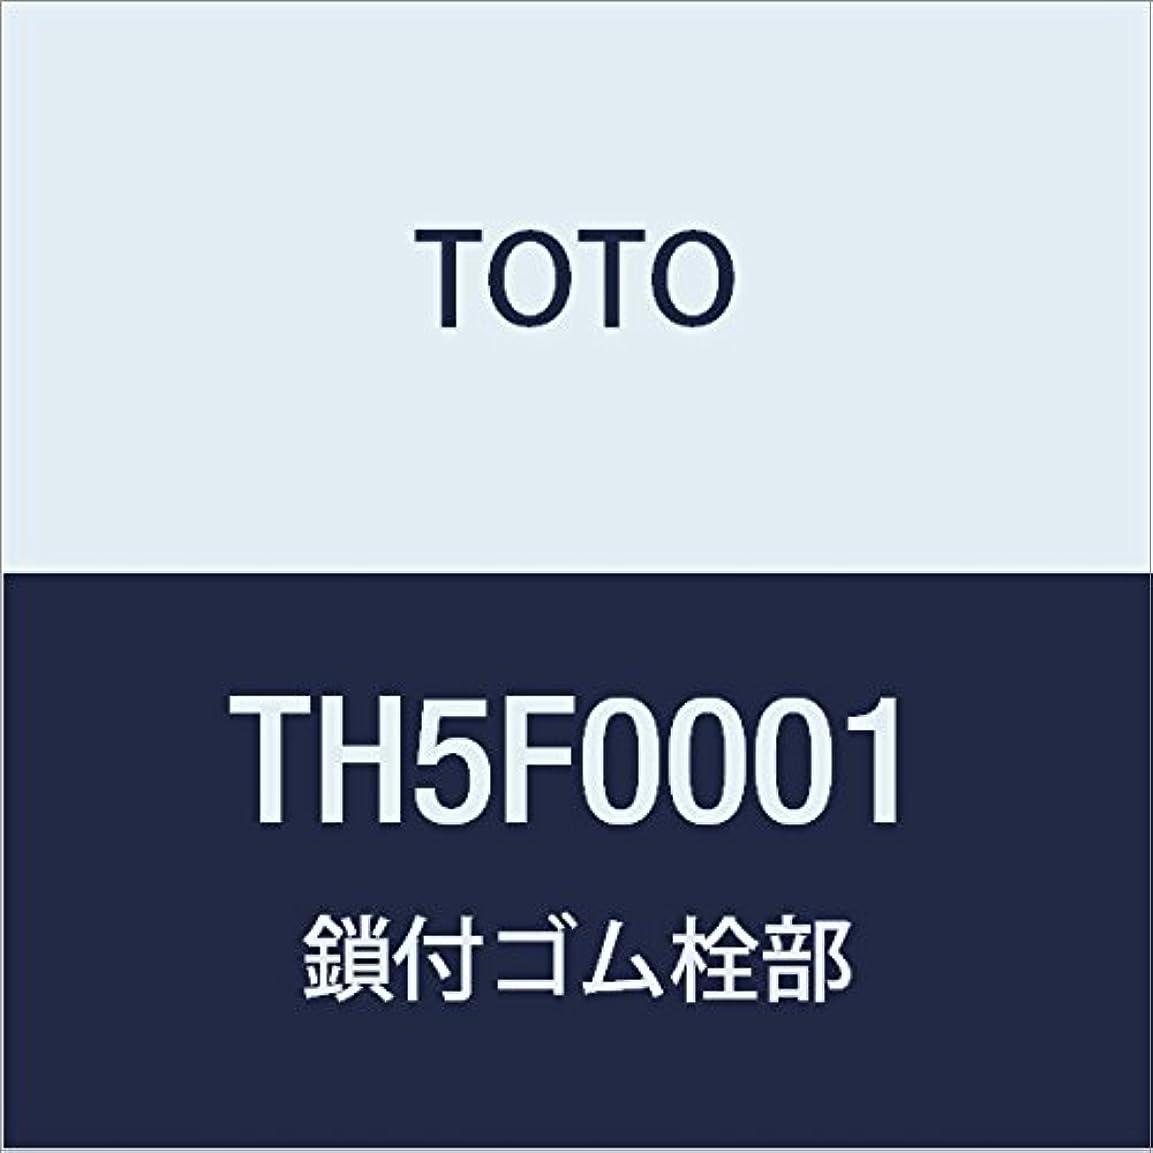 構成偽造移動TOTO 鎖付ゴム栓部 TH5F0001